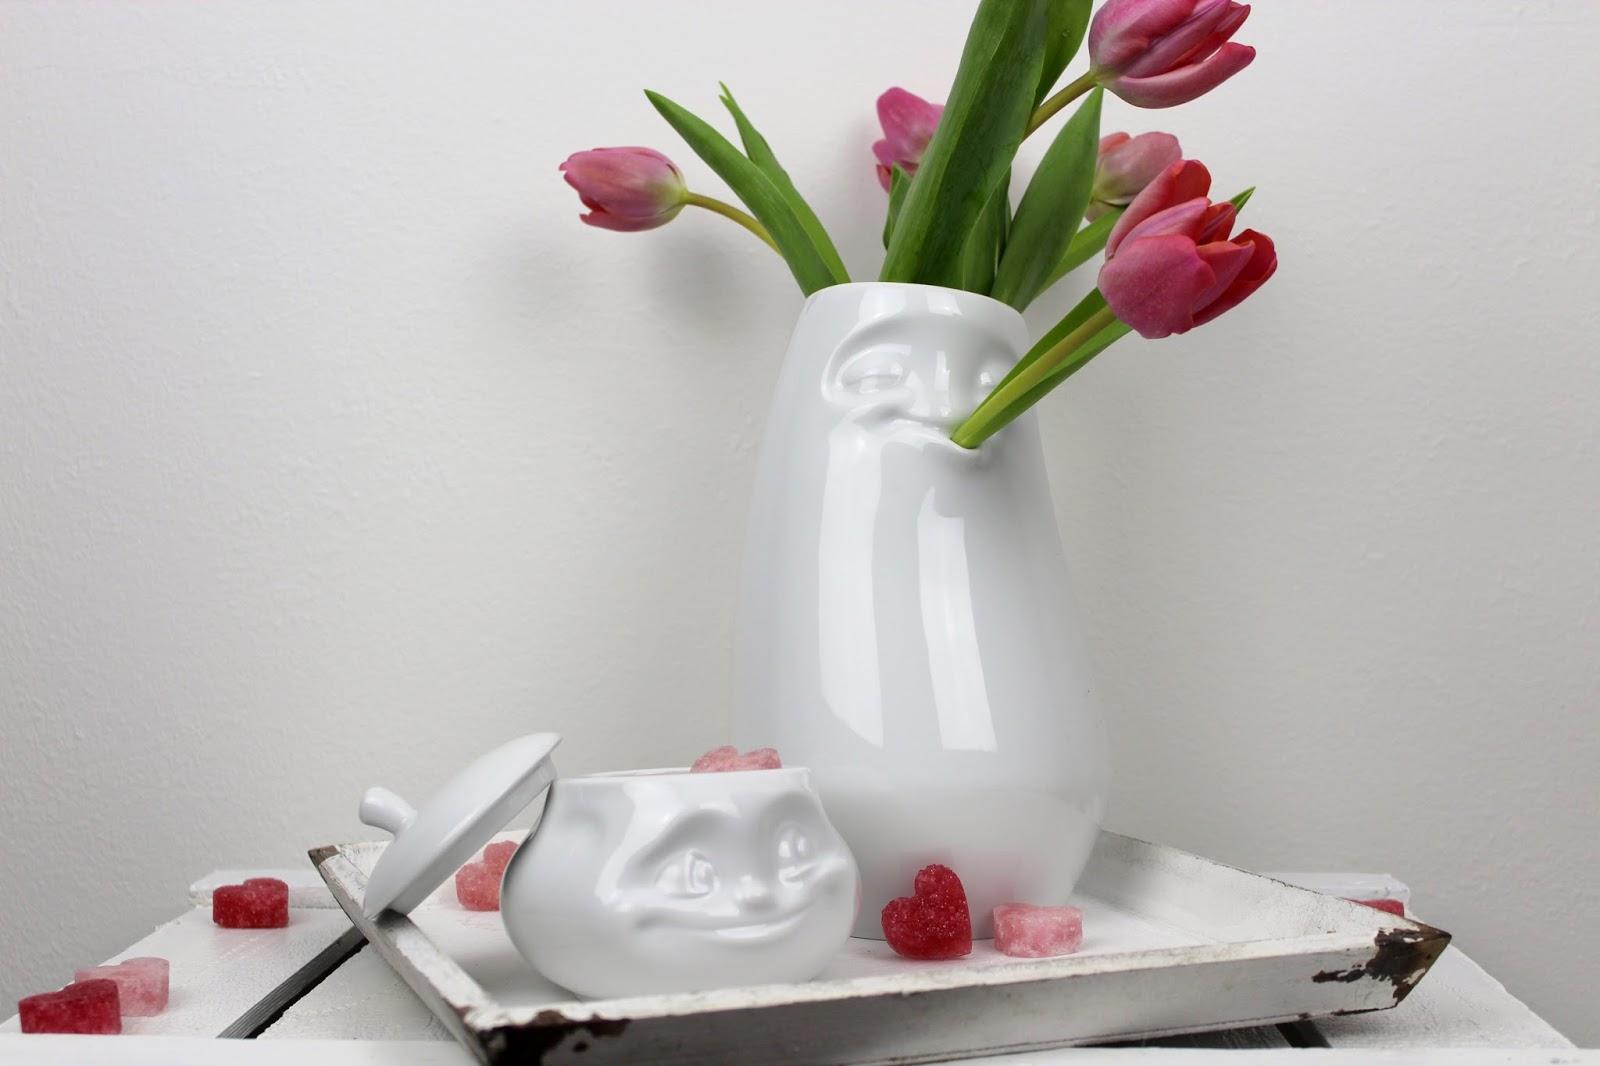 Süßes Geschenk zum Valentinstag: DIY Zuckerherzen rosa selber machen + Gewinnspiel